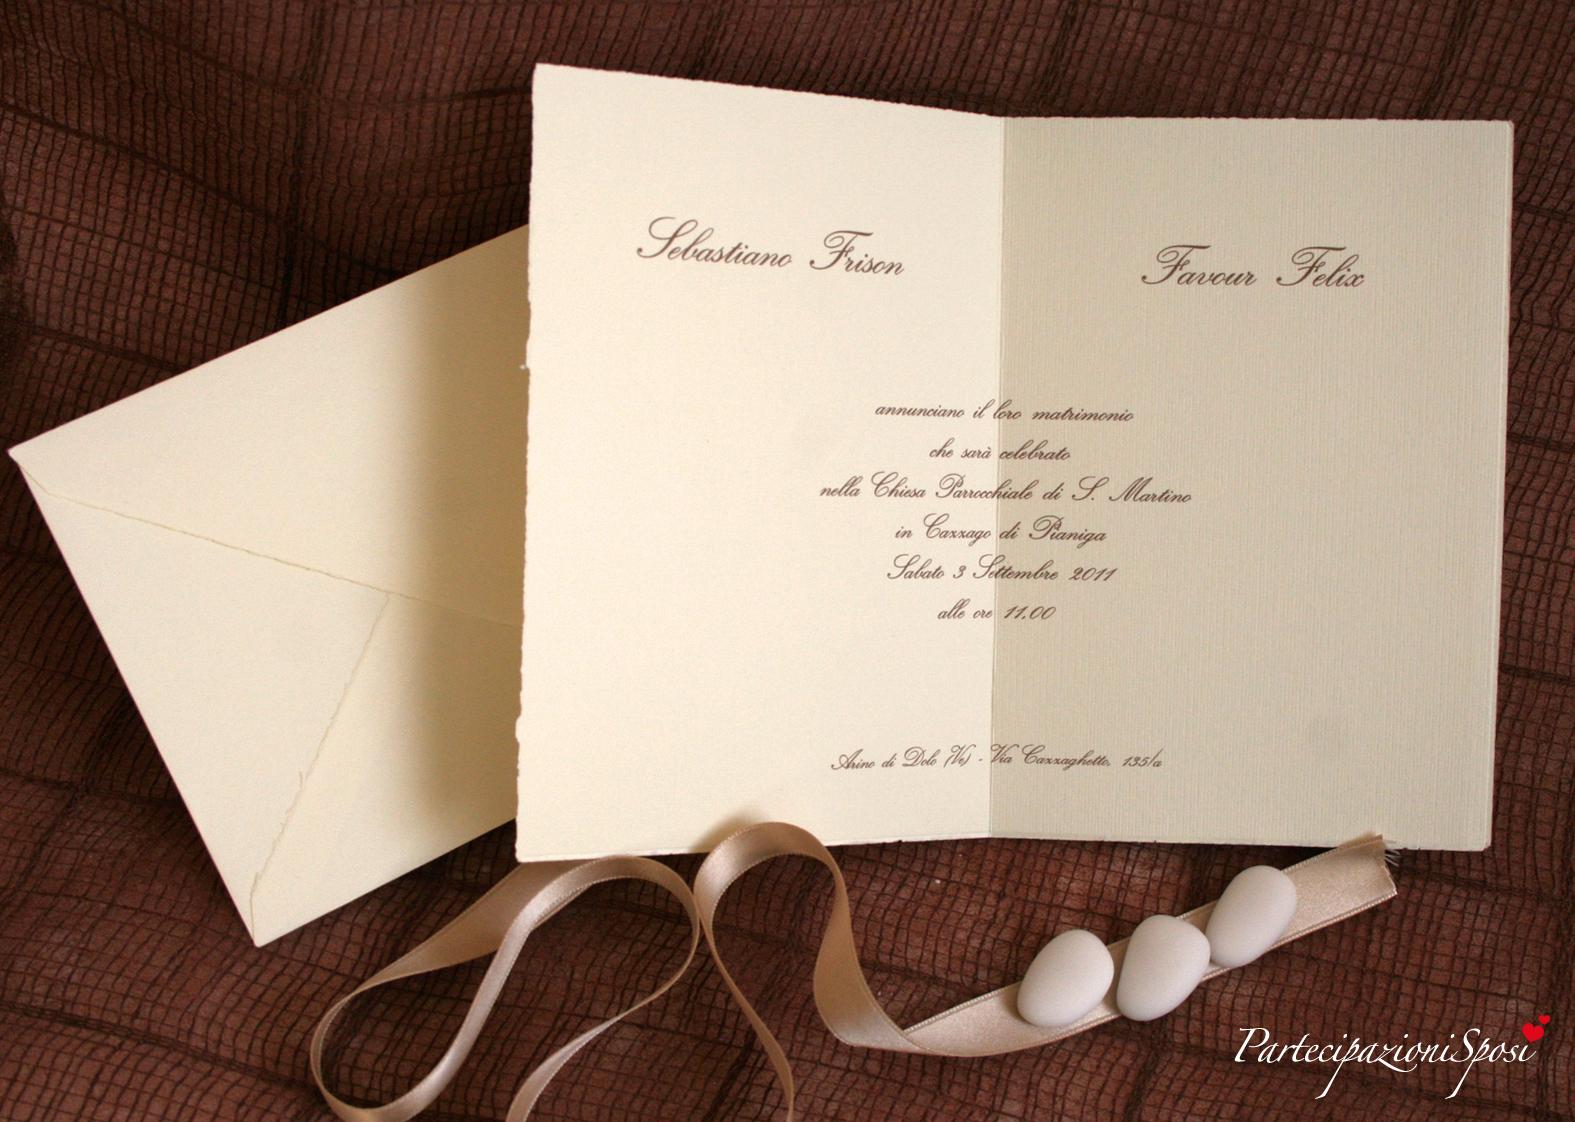 partecipazioni sposi stampa partecipazioni nozze inviti